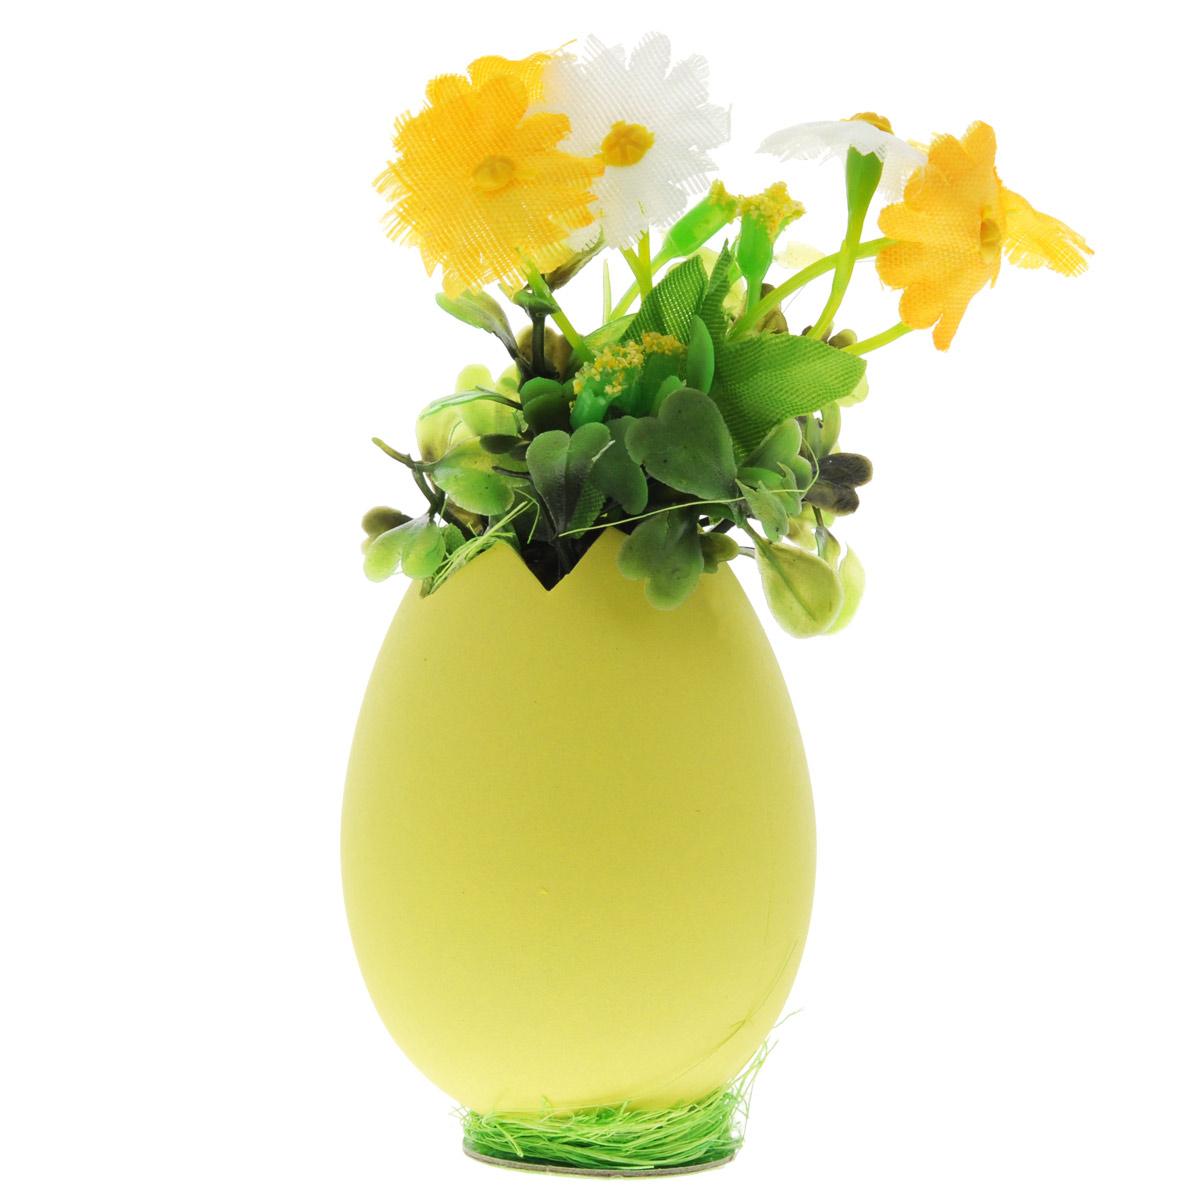 Декоративное украшение Home Queen Цветы в скорлупе, цвет: желтый, оранжевый, 5 см х 11 см58246Декоративное украшение Home Queen Цветы в скорлупе выполнено из пластика и полиэстера в виде композиции из яичной скорлупы и цветов. Такое украшение прекрасно оформит интерьер дома или станет замечательным подарком для друзей и близких на Пасху. Размер: 5 см х 11 см х 5 см.